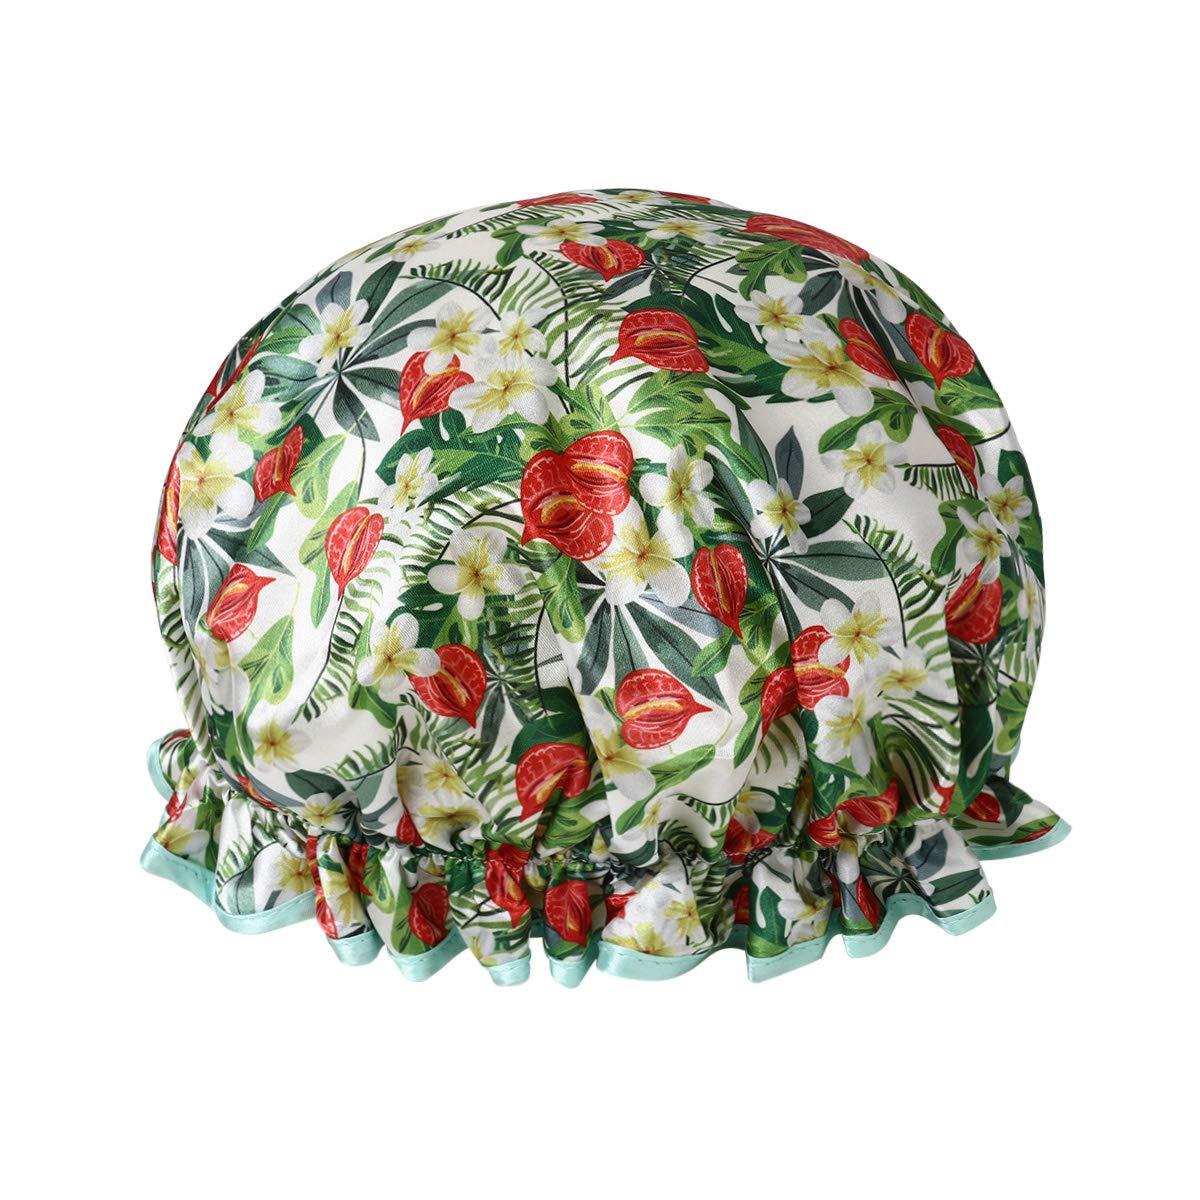 Hicollie étanche Bonnet de Douche Femme, Charlotte douche Réutilisable Couverture de Cheveux, Double Couche Bonnet de Douche avec fleurs Imprimés Chinois